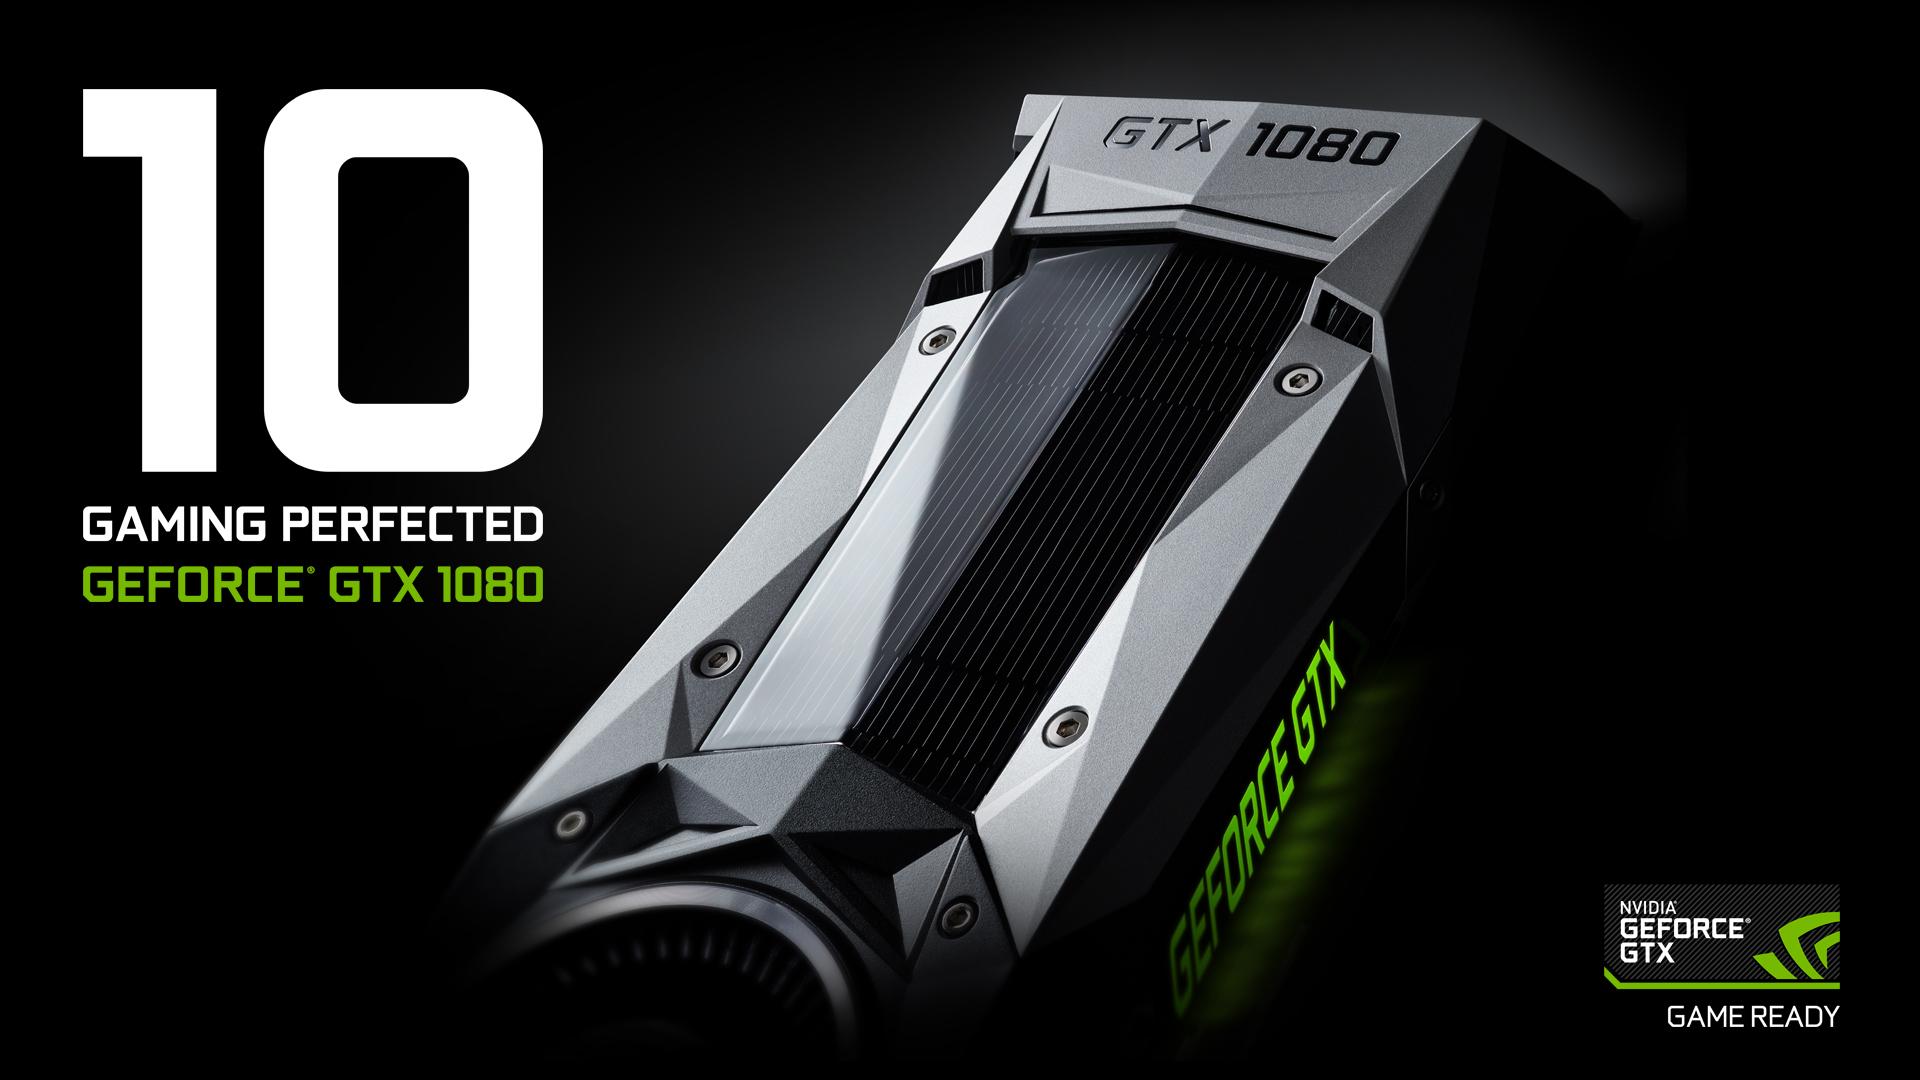 nvidia-geforce-gtx-1080-key-visual.jpg